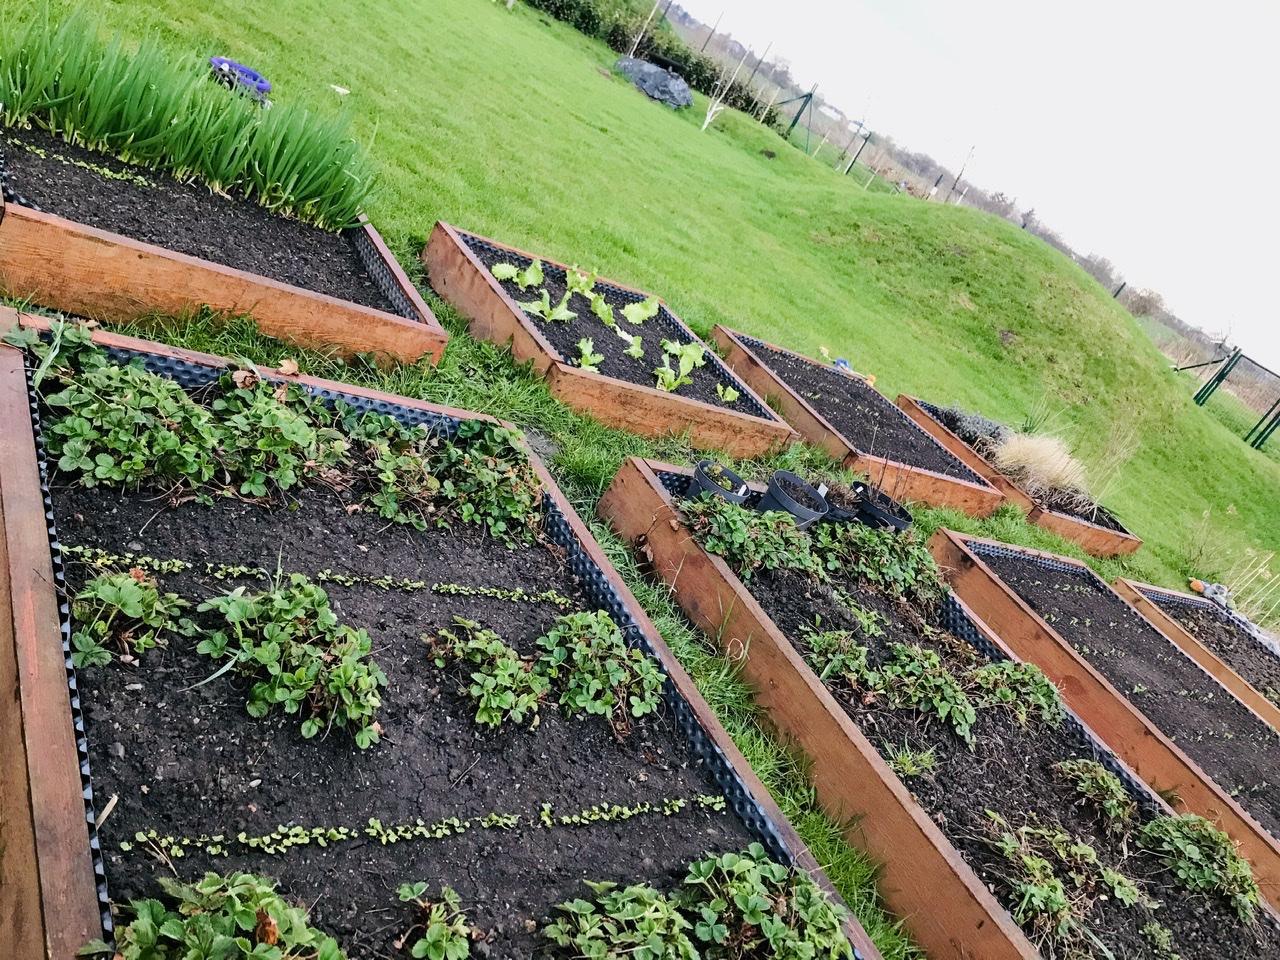 Naše L-ko - 2021 - stále dokončujeme - Záhradka - zvýšené záhony. Jar všetko prebúdza, rastie mladý hrach, reďkovky, petržlen, mrkva, cibulka. Pred 14 dňami šli do zeme prve planty šalátov